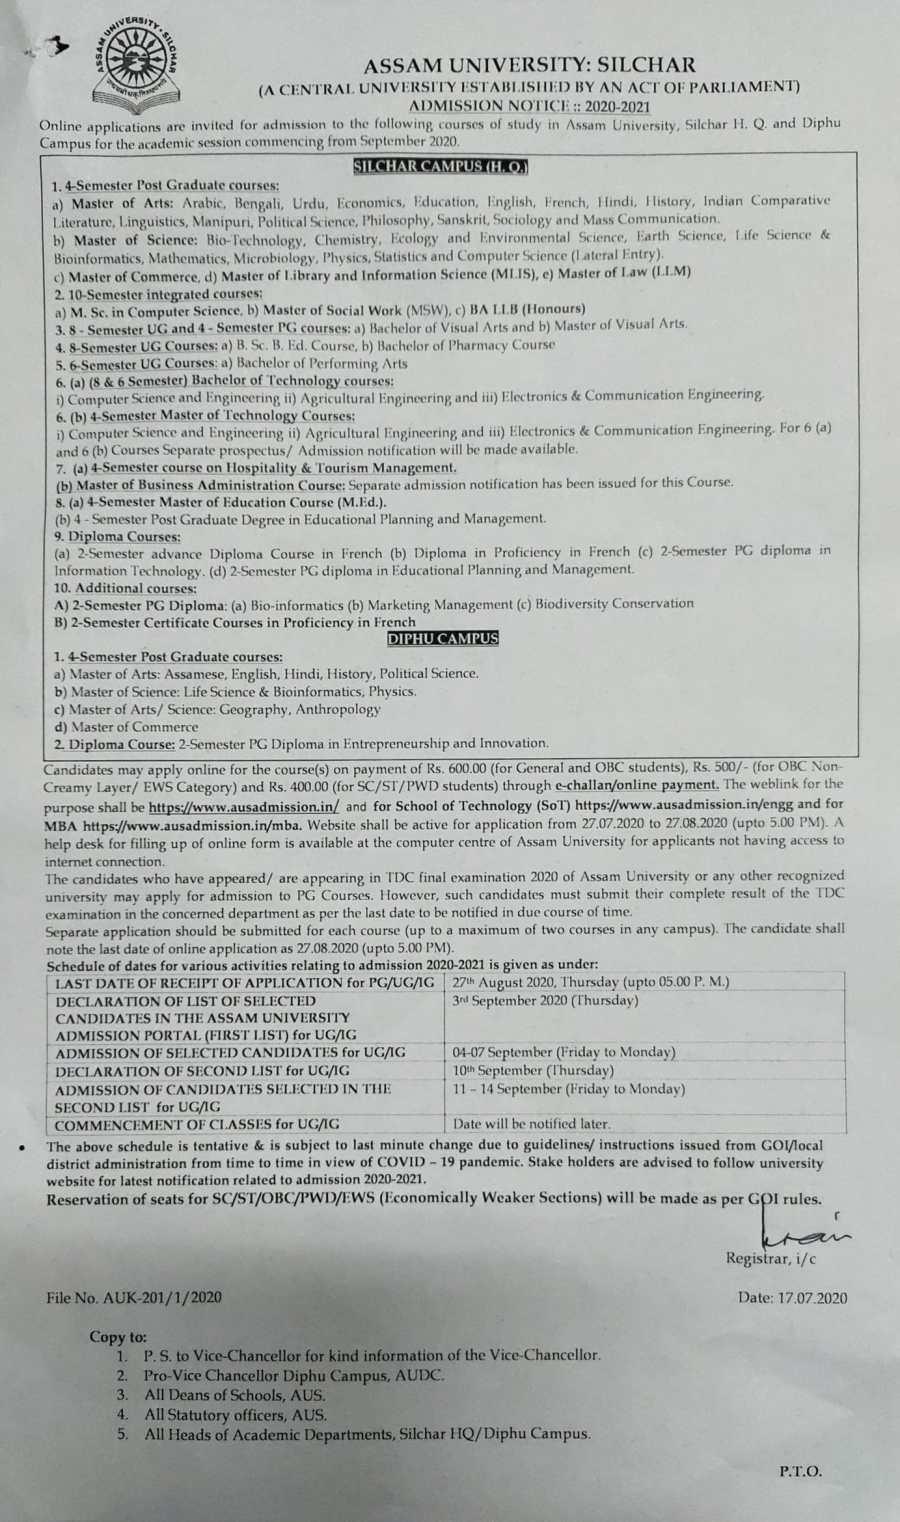 Admission-Notice-2020-2021-1